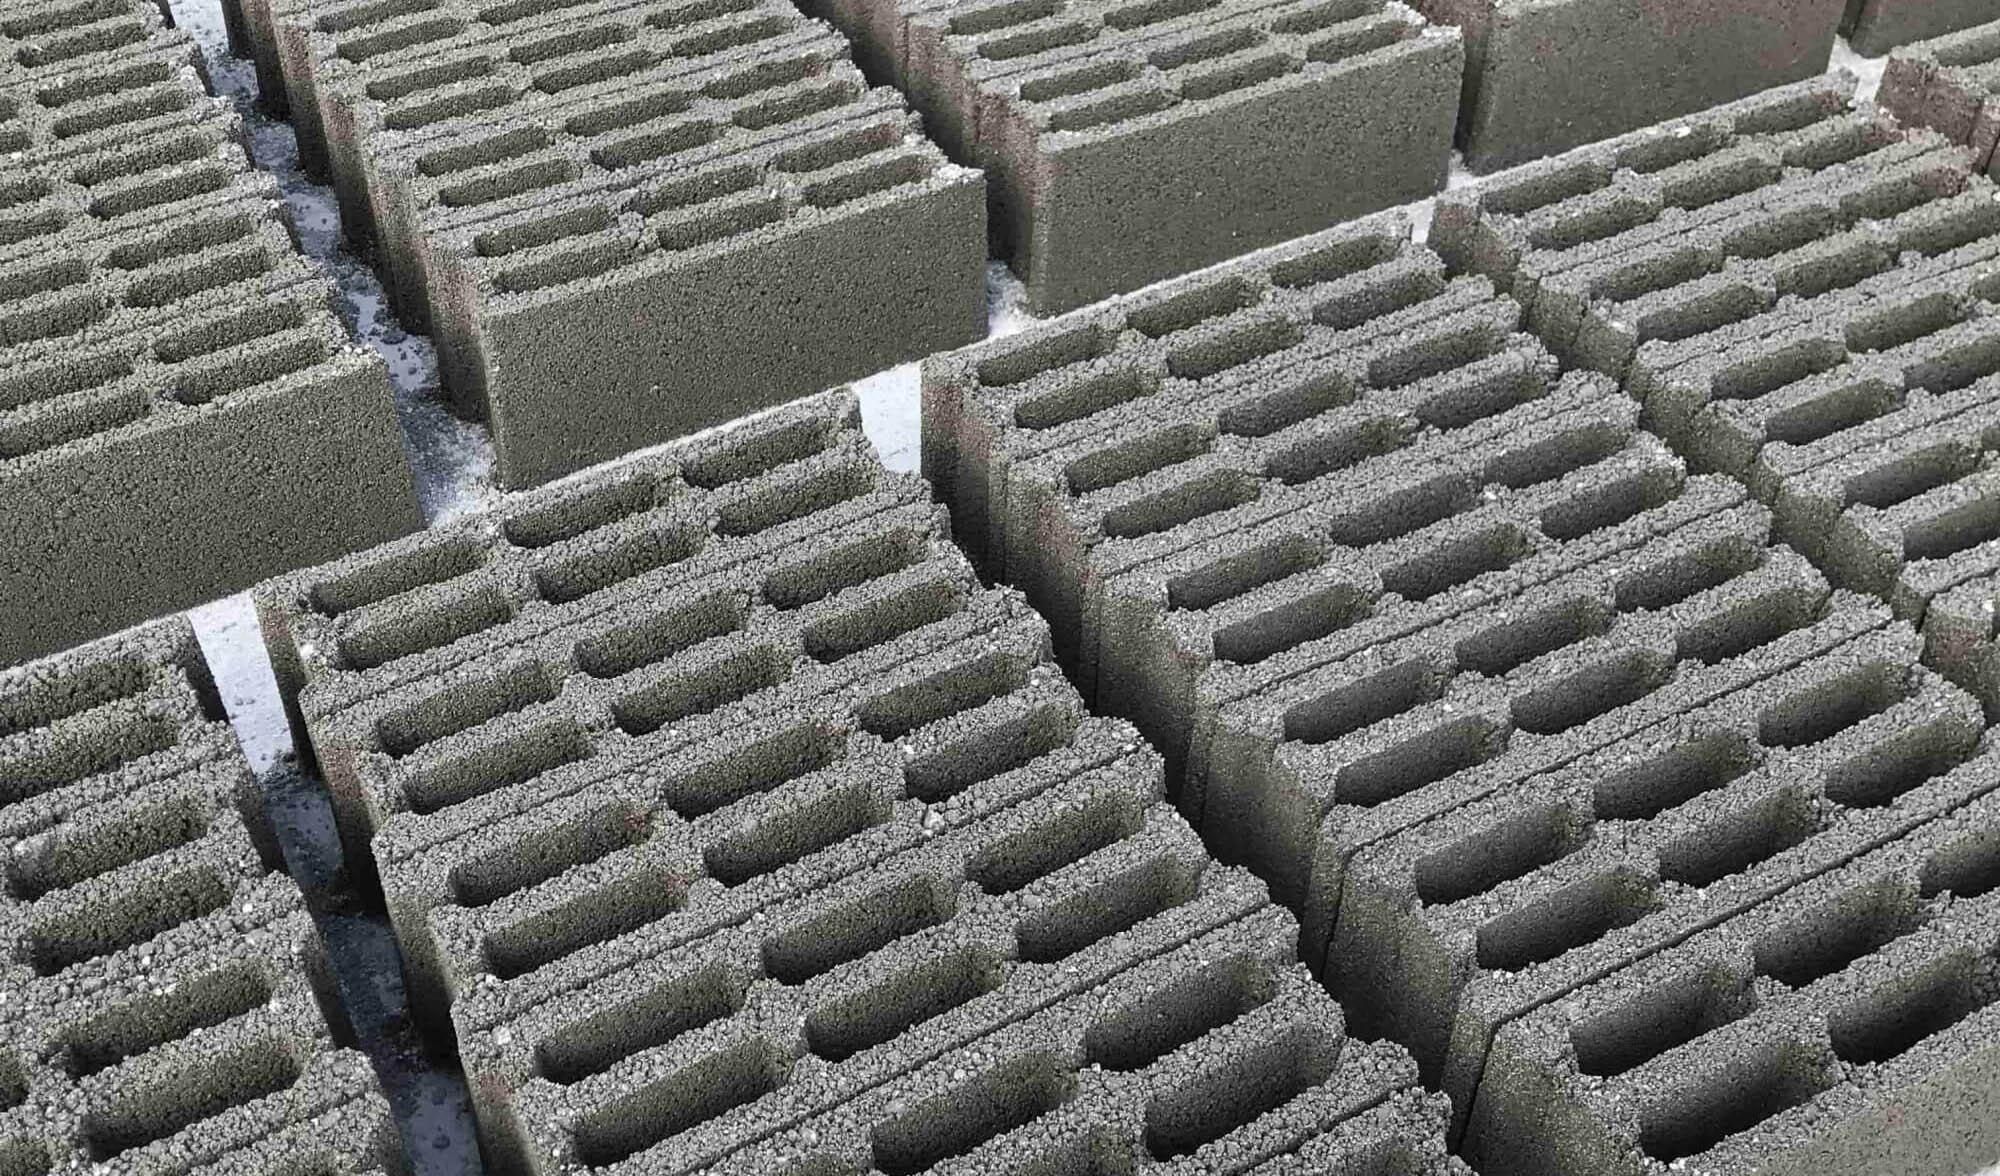 وضعیت قیمت بلوک های سیمانی در سال 99 چگونه خواهد بود؟